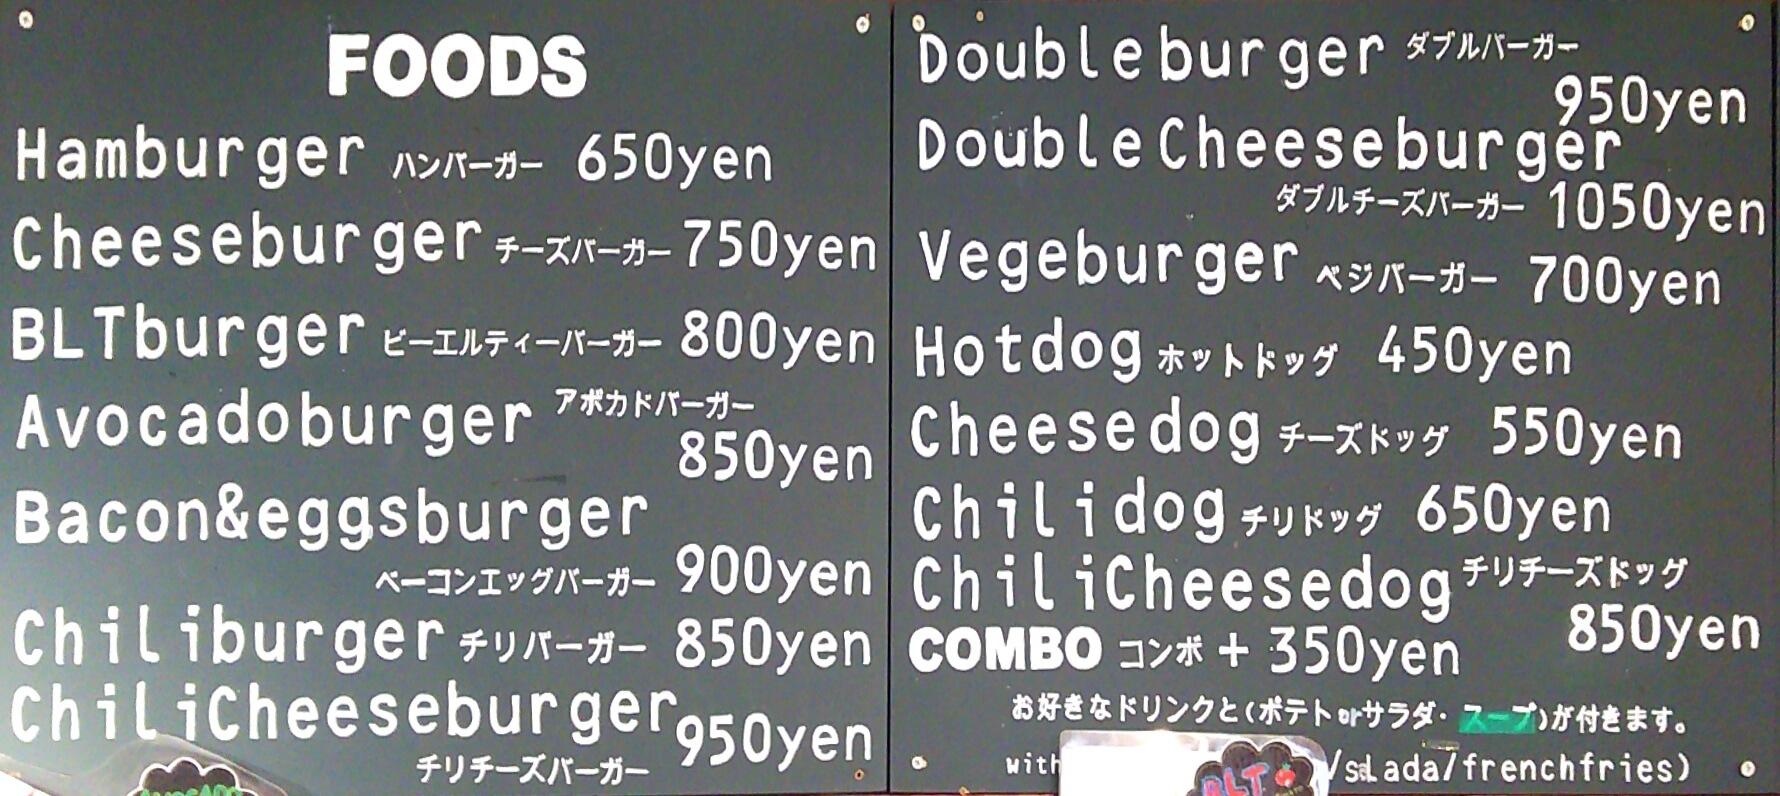 ベーカリーランプ・イートインメニューハンバーガー・ドッグ系